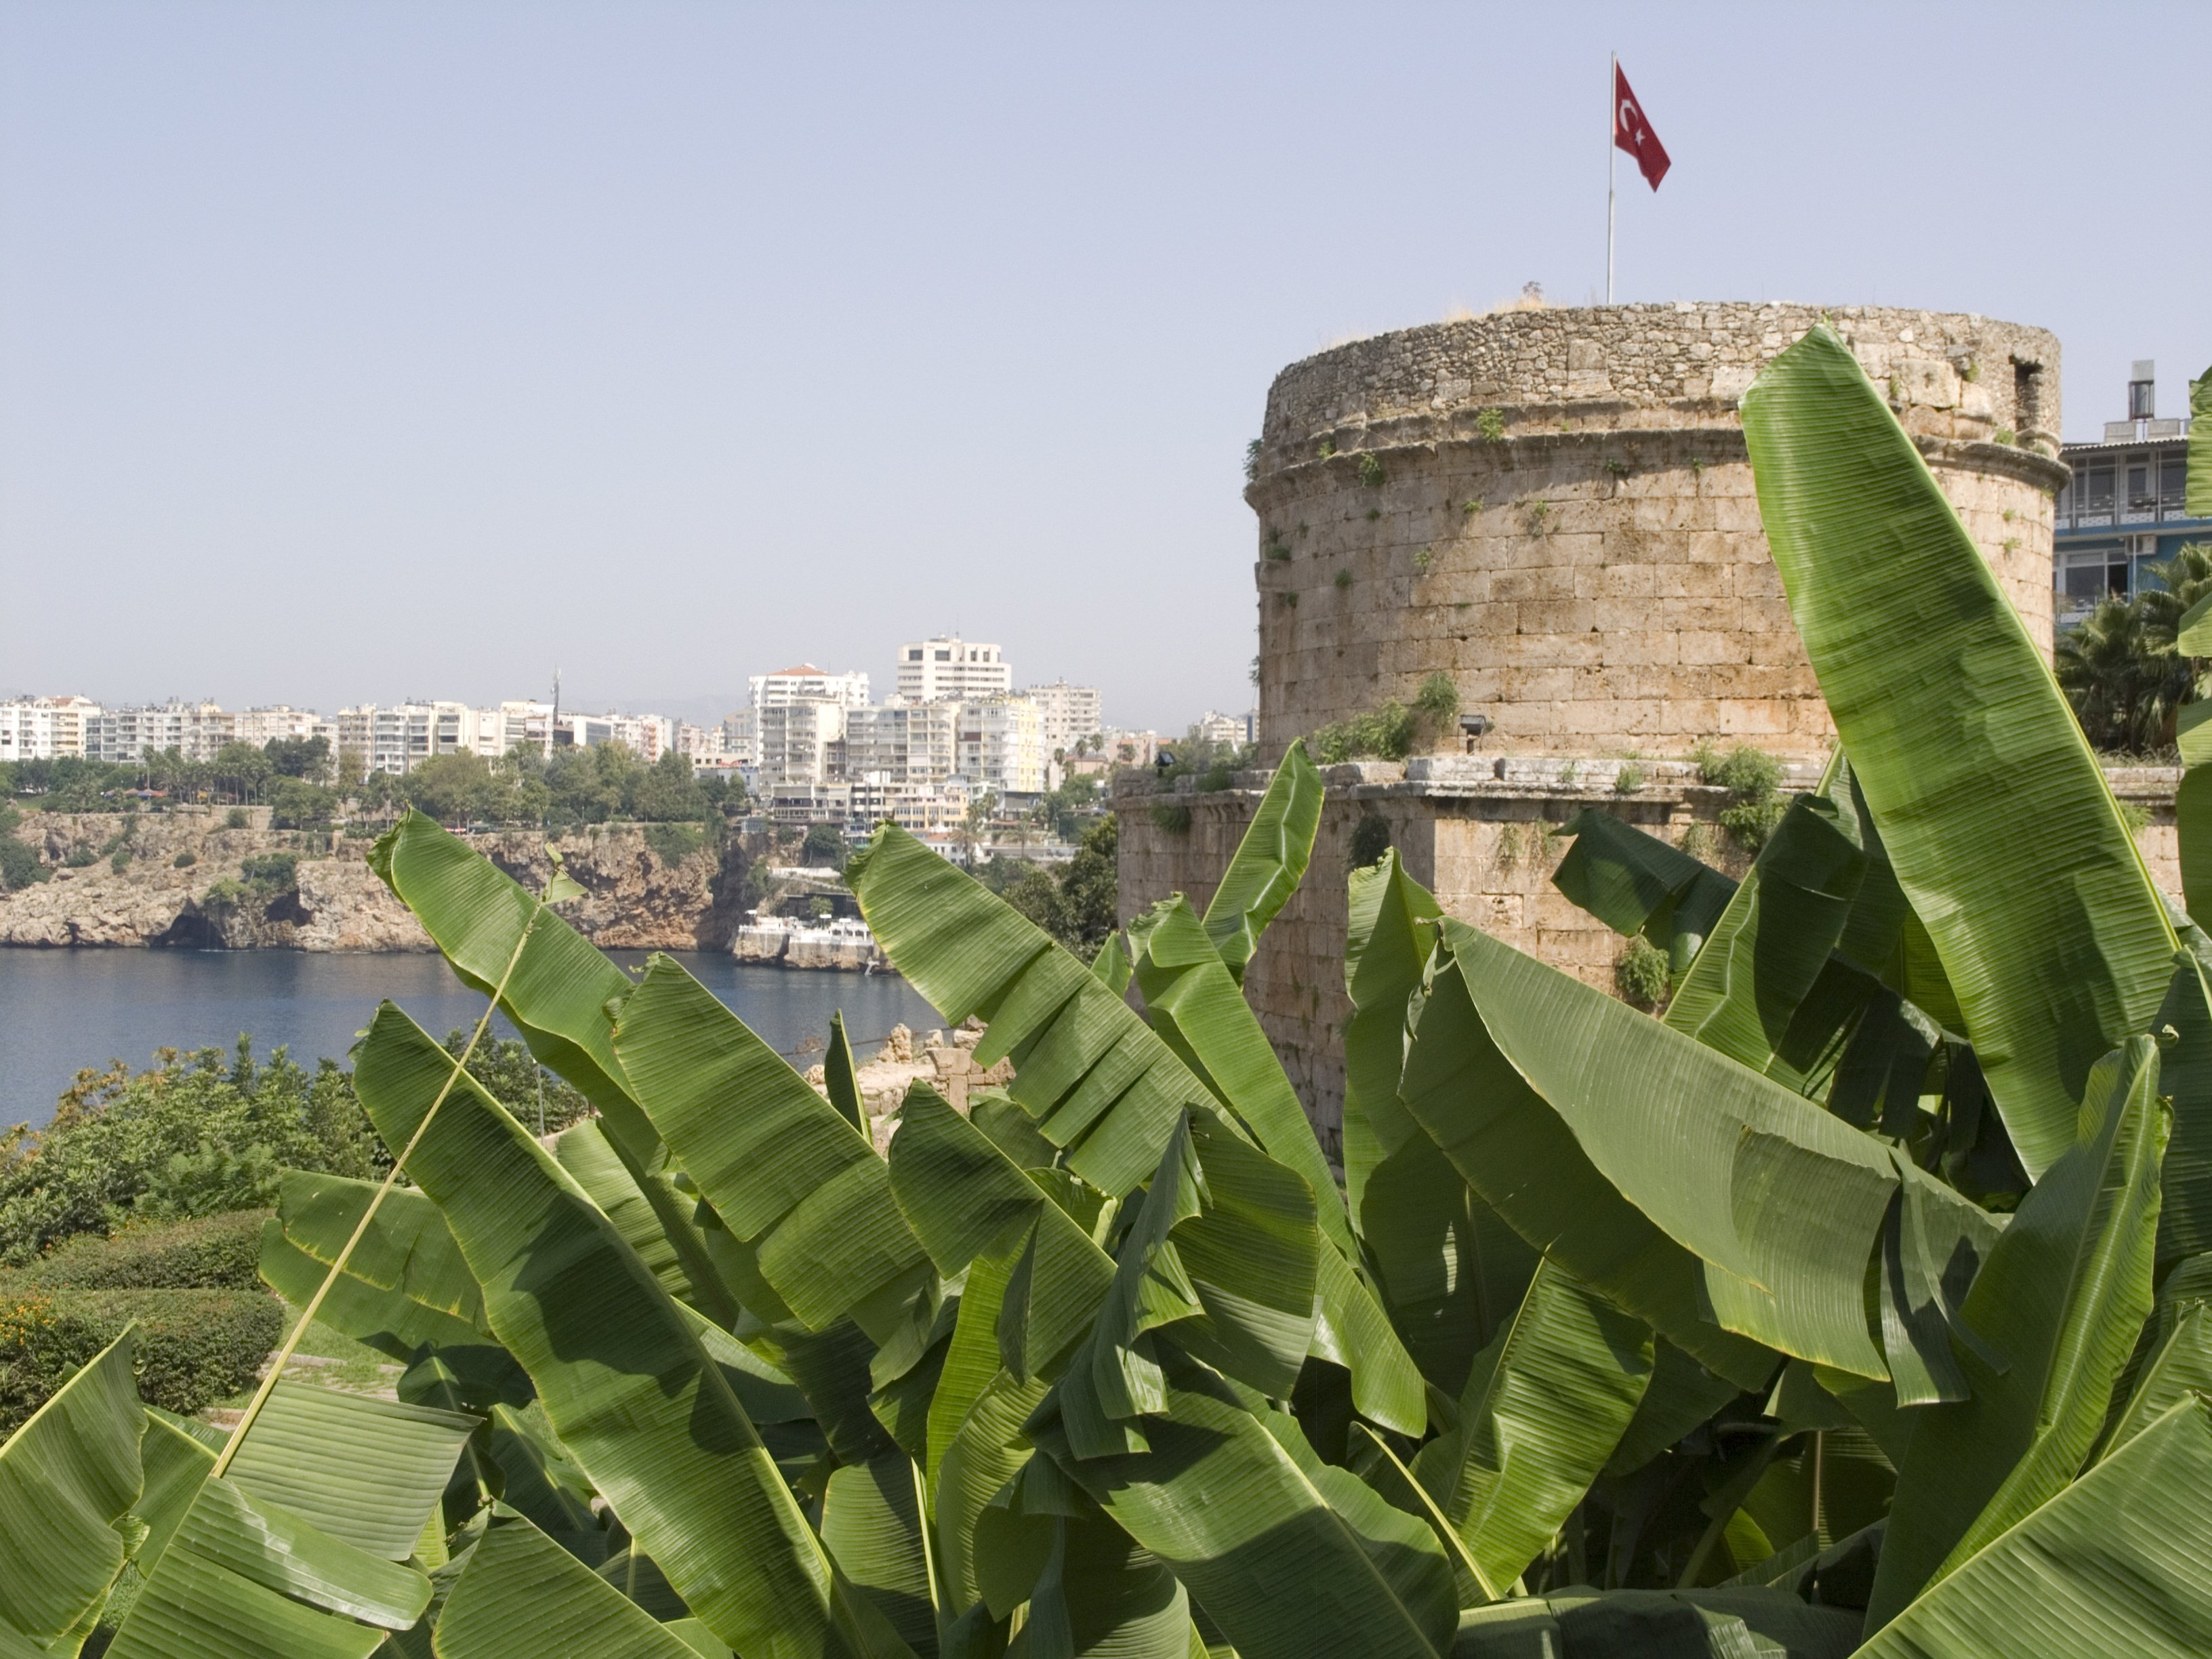 Достопримечательности средиземноморского побережья Турции